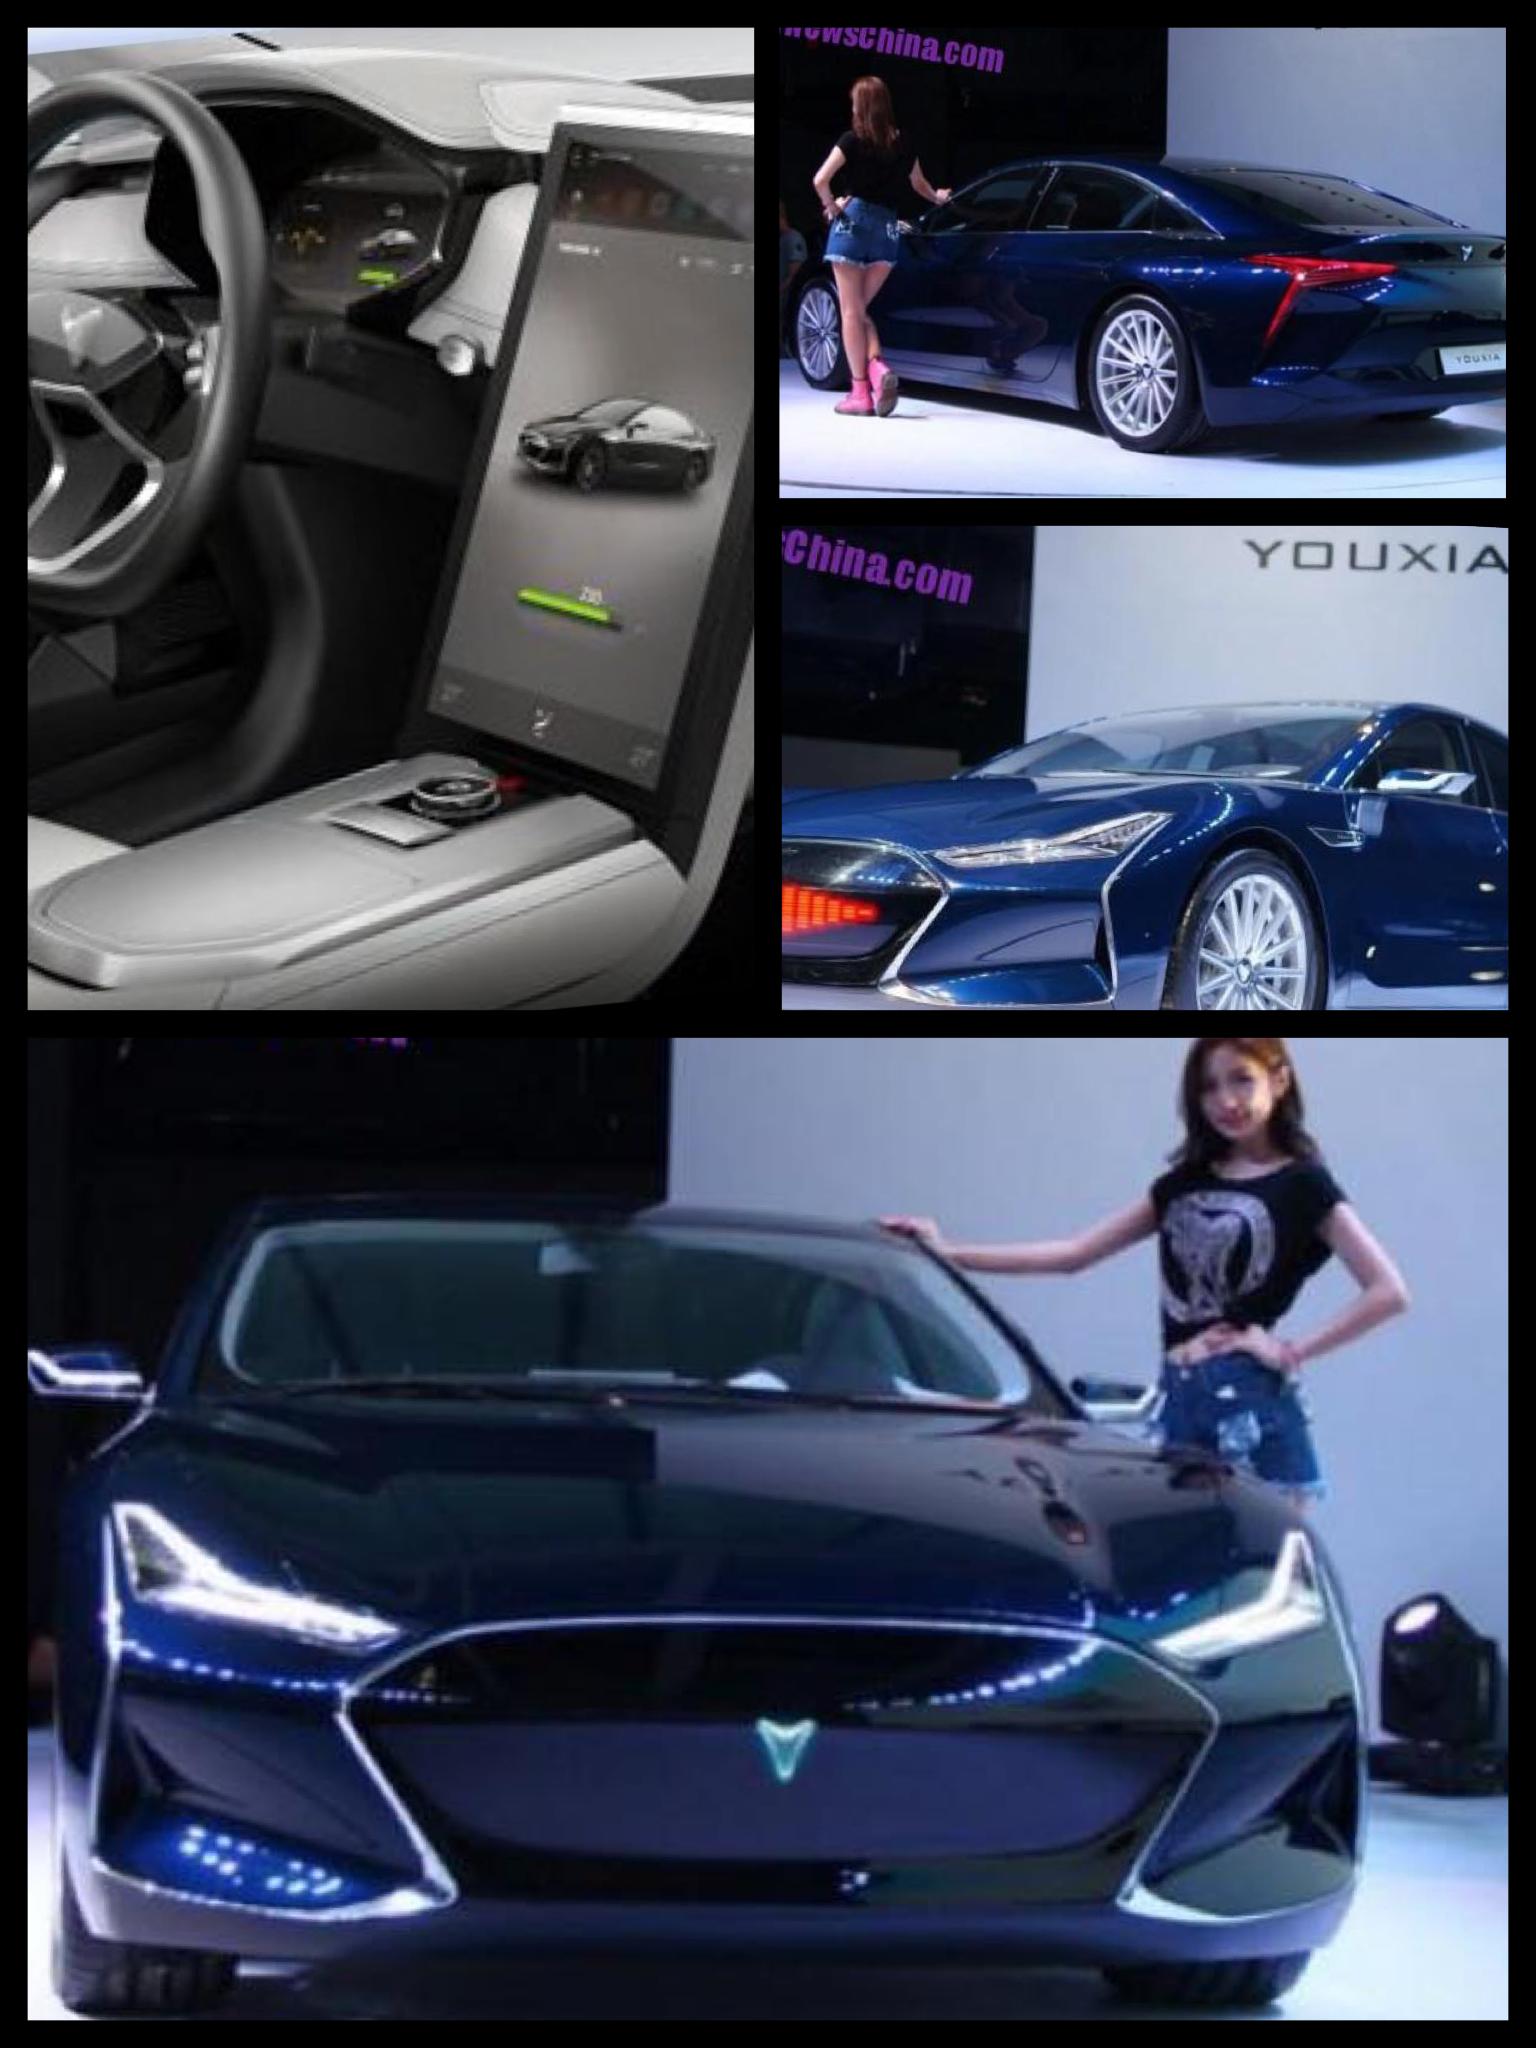 中国 EV youxia ヨウクシャ ナイトライダー